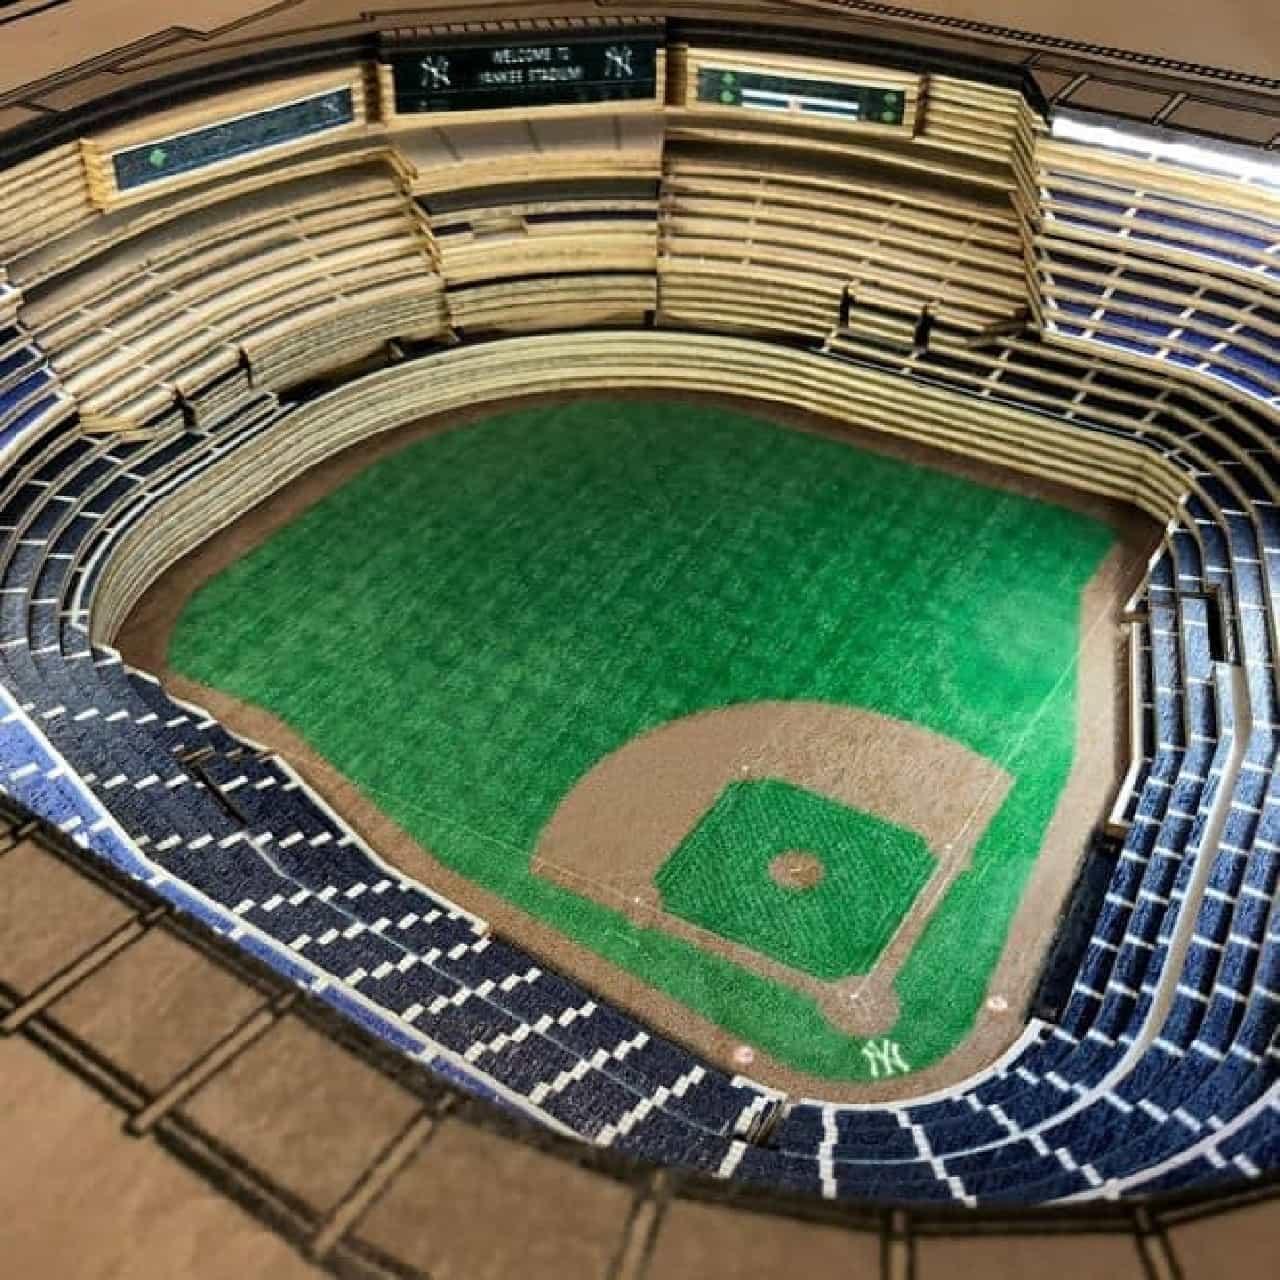 Football Stadium Lights End Table: MLB球場を模したサイドテーブル「Stadium Replica End Table」 [インターネットコム]